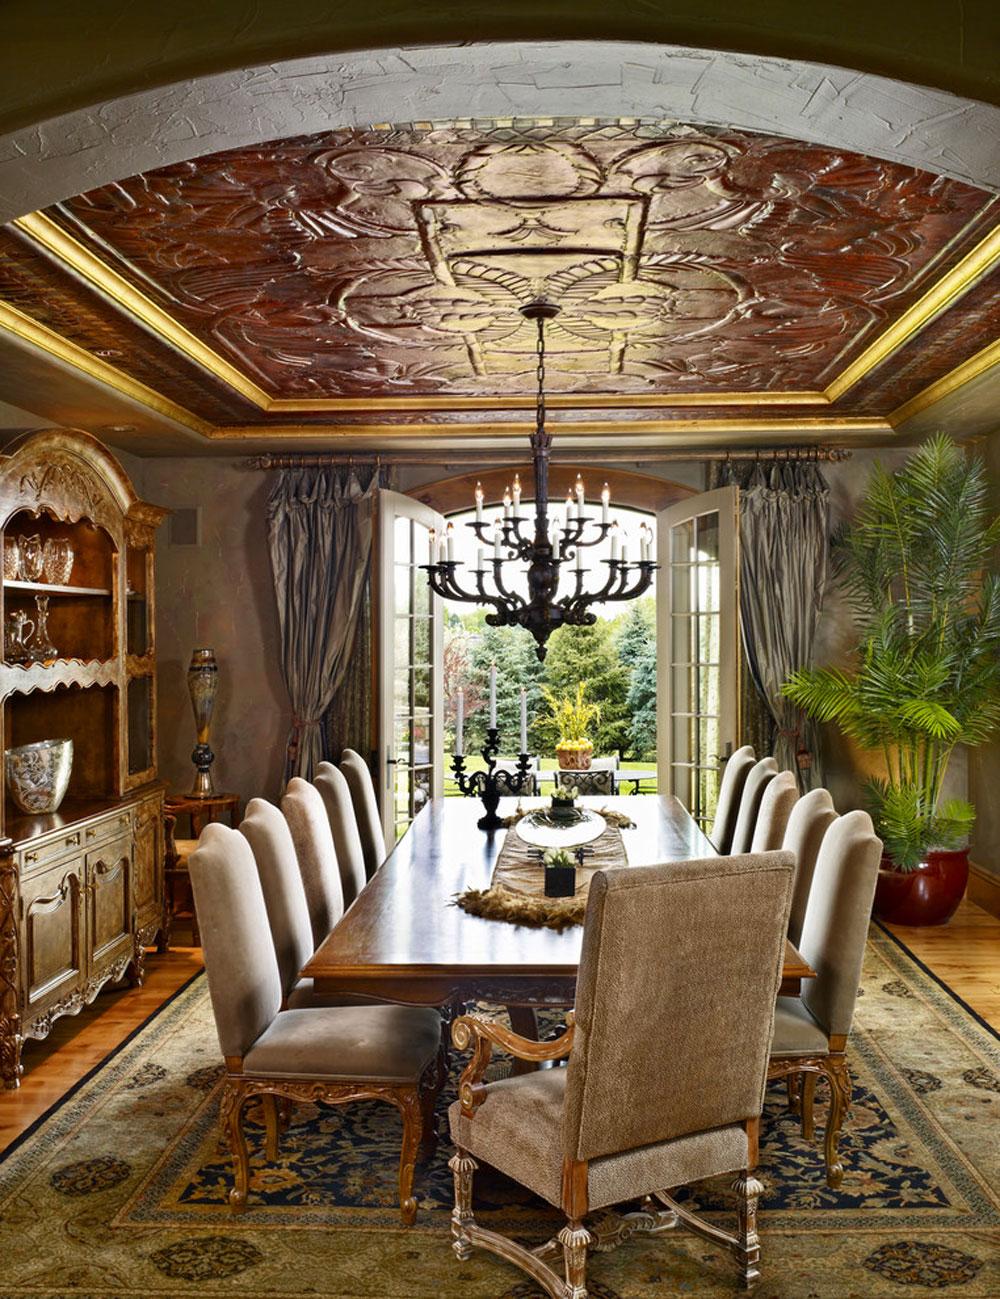 دکوراسیون داخلی Interior decoration